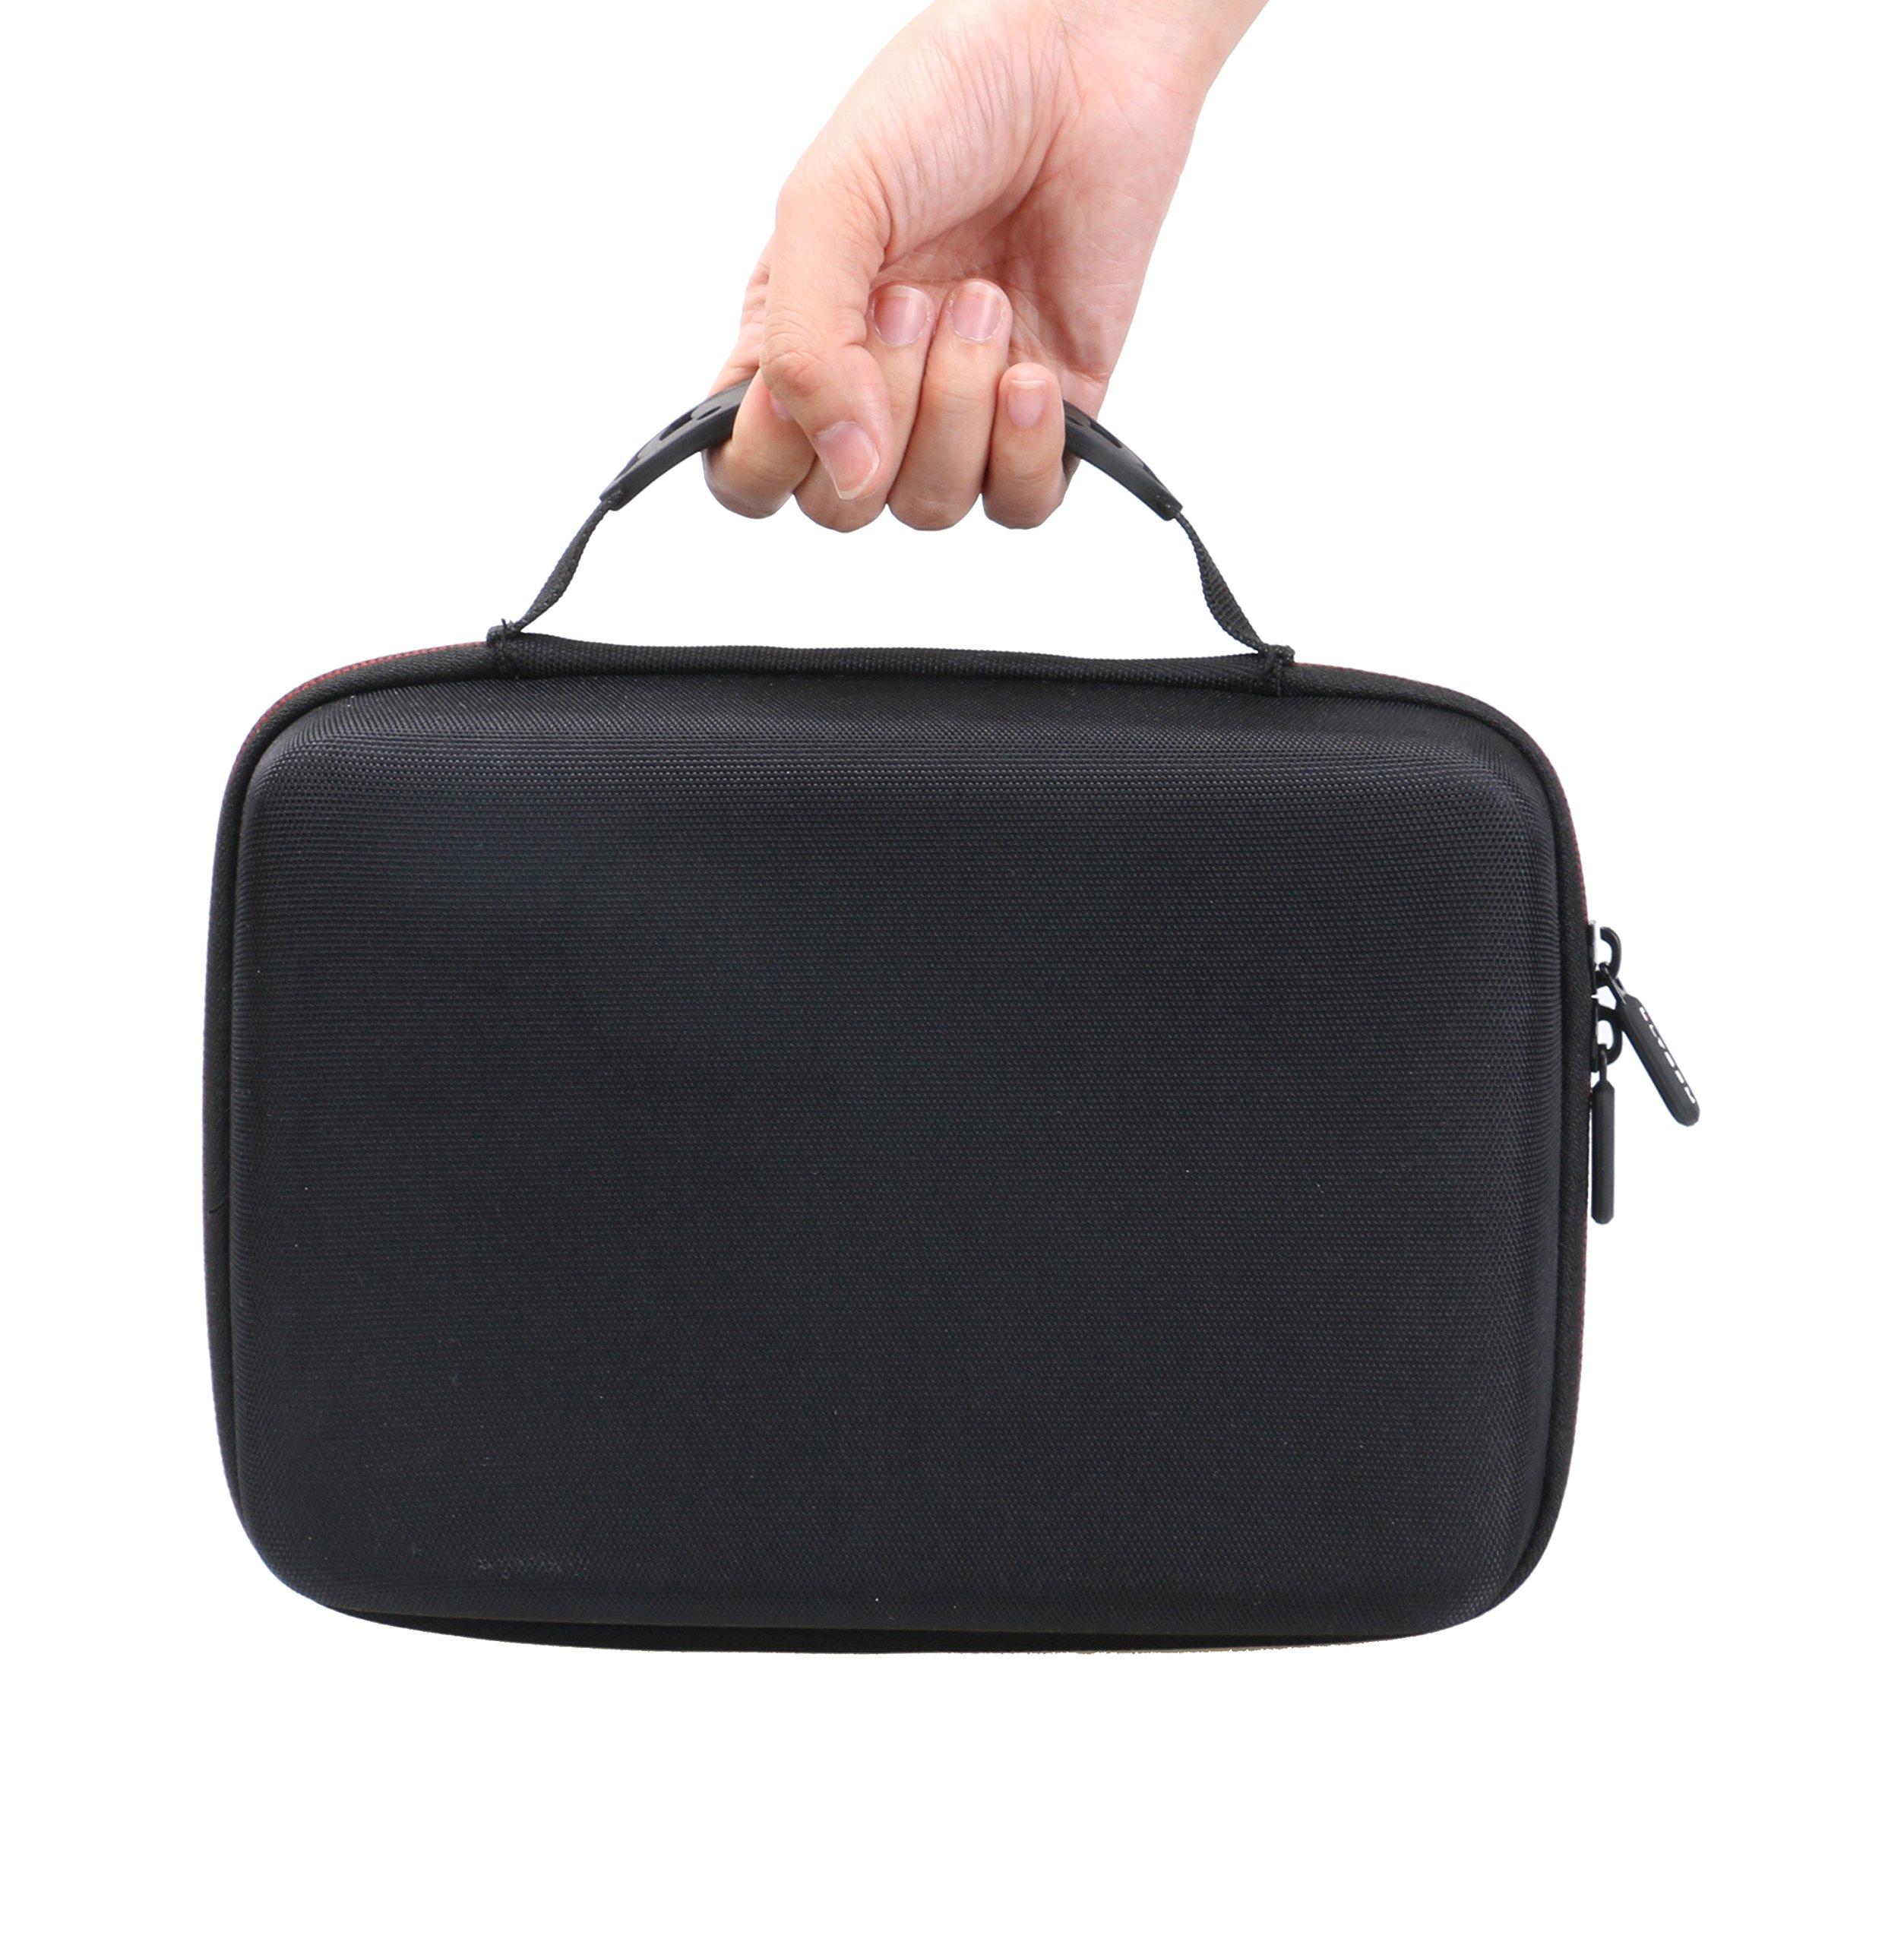 LTGEM EVA Hard Case for Blusmart LED-9400 Video Projector 2018 Upgraded +70% Brightness Portable Mini Projector - Travel Protective Carrying Storage Bag by LTGEM (Image #9)